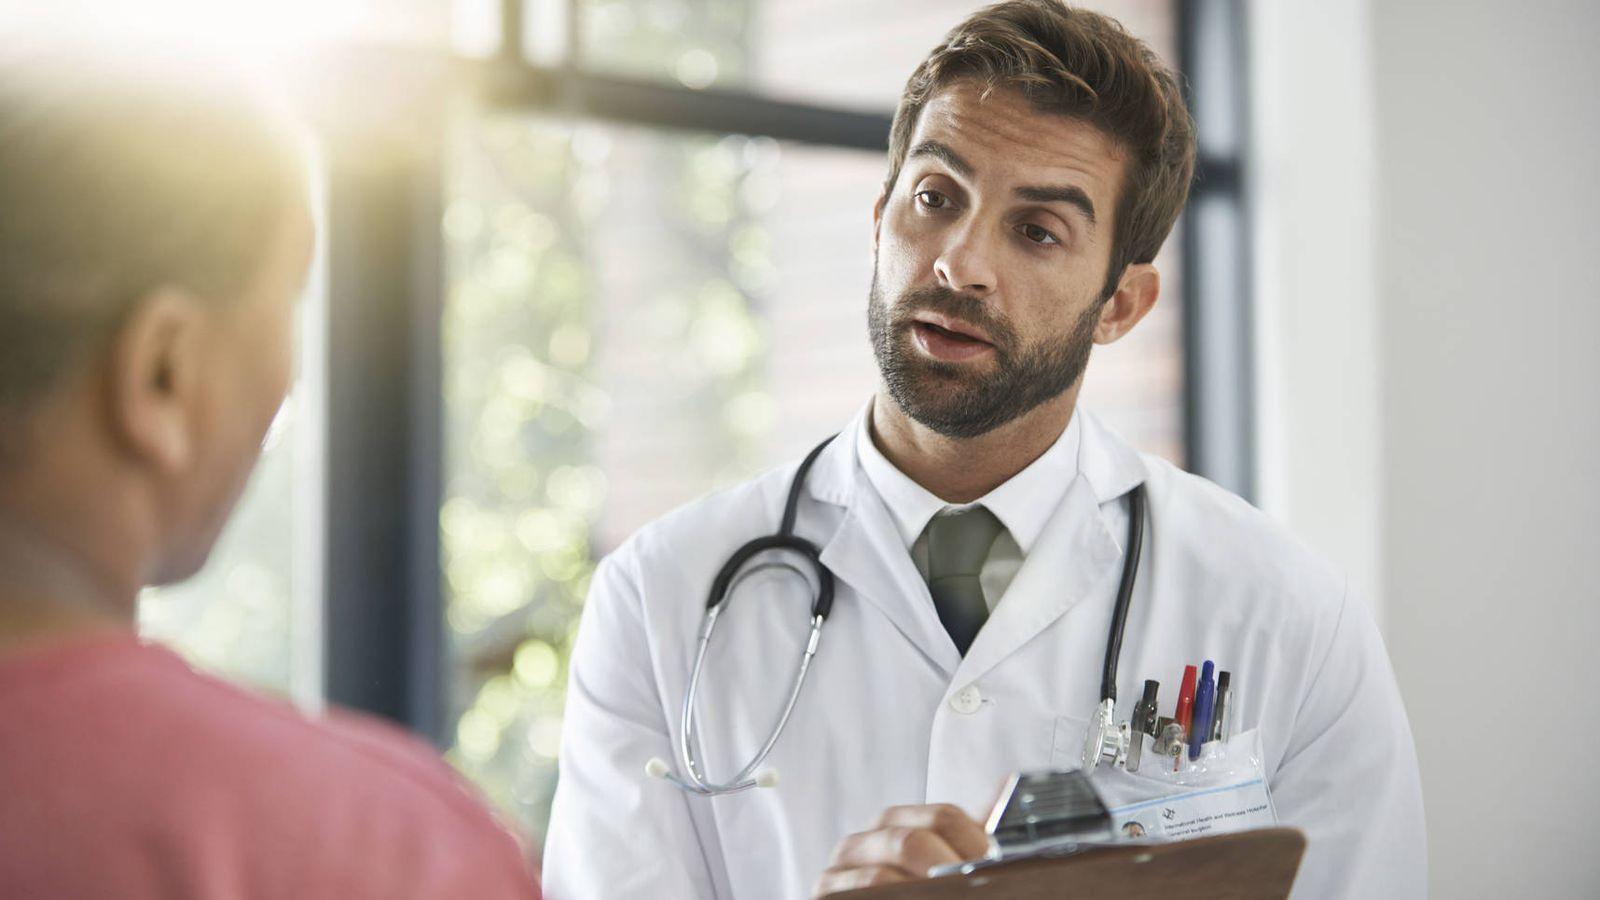 Tiene un problema médico sin diagnosticar